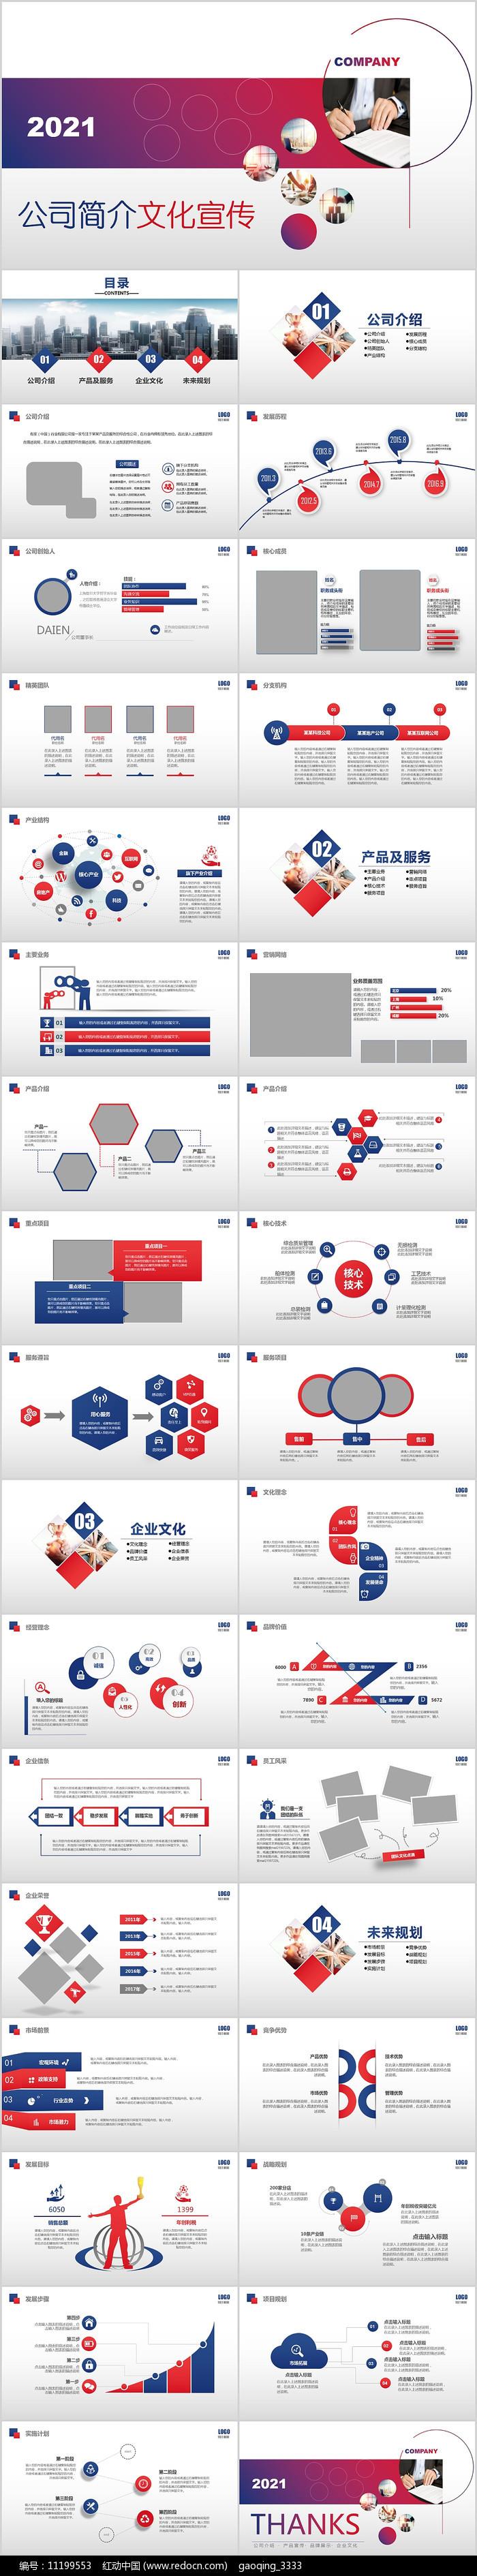 商务企业简介公司介绍PPT模板图片